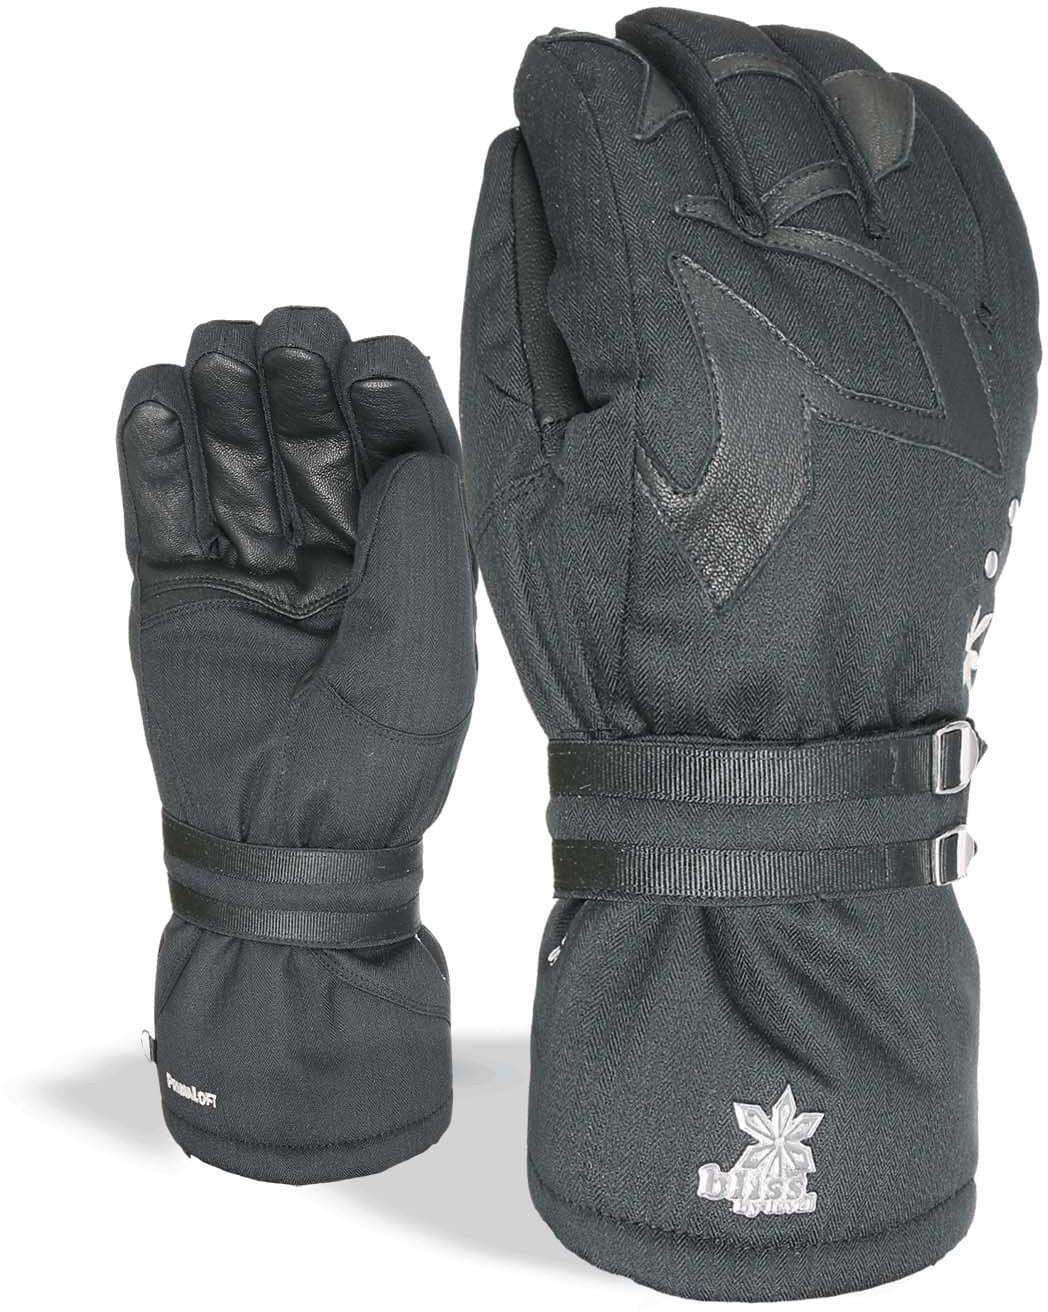 Dámské rukavice Level Bliss Oasis - black - Spot Shop 540a3099a4